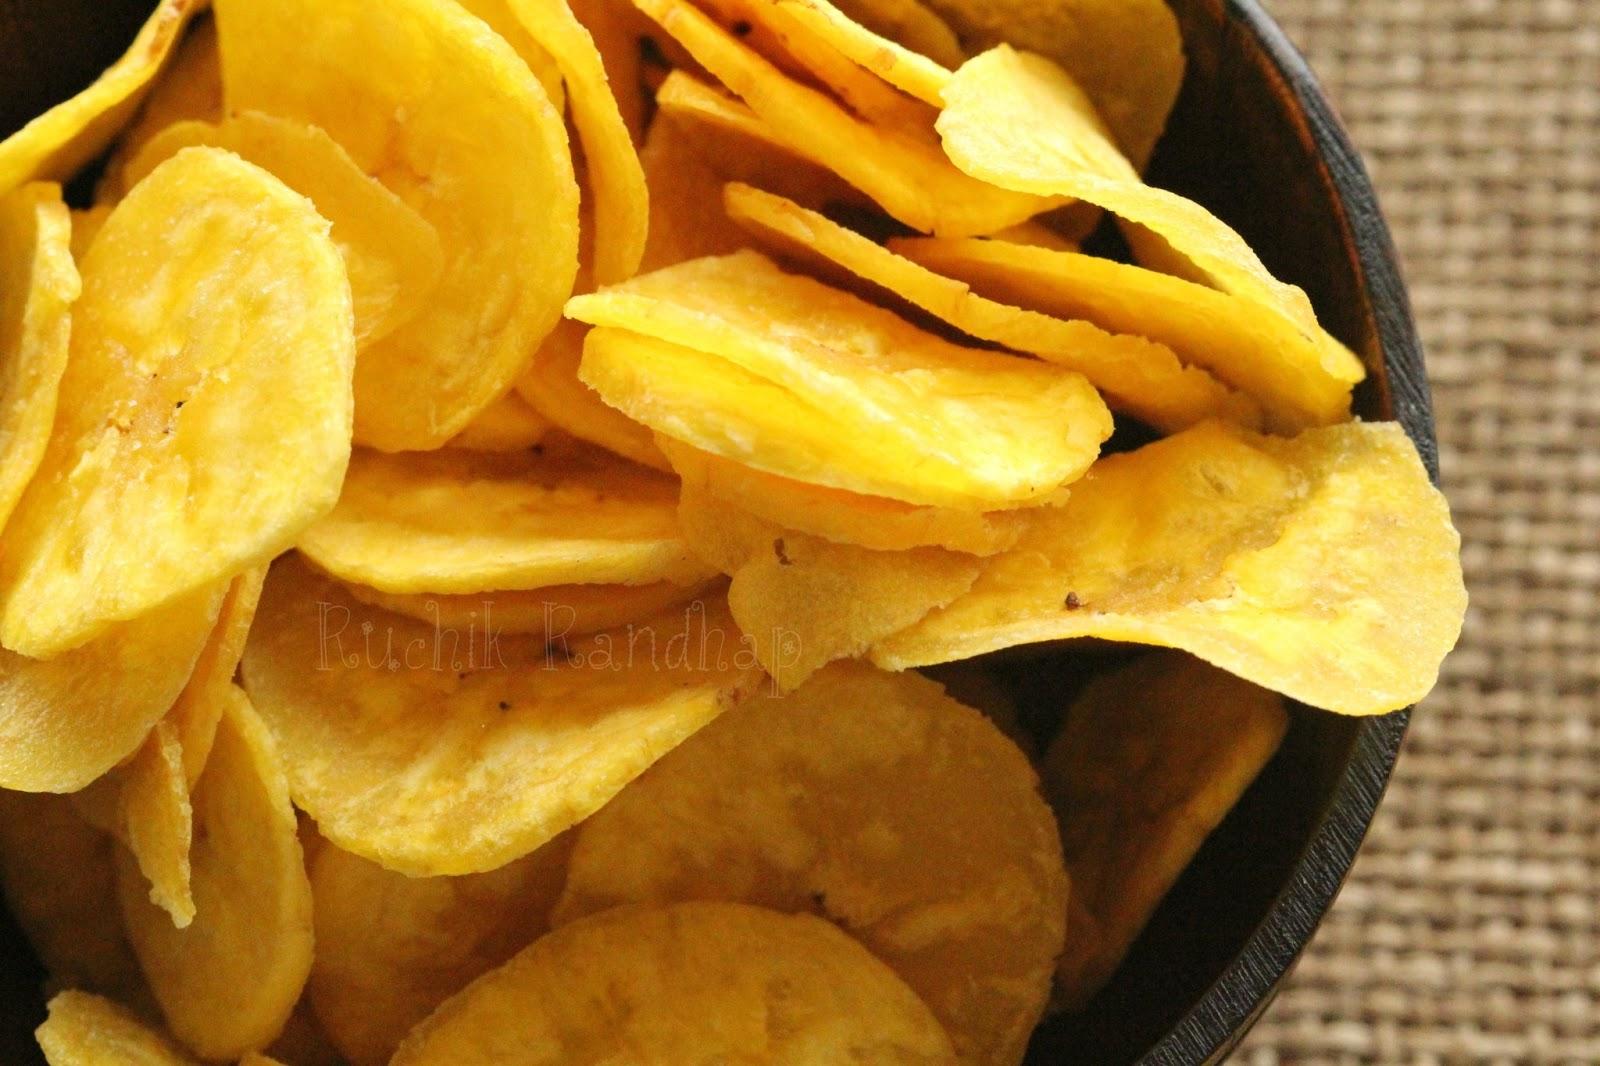 Ruchik Randhap Delicious Cooking Pathekaan Banana